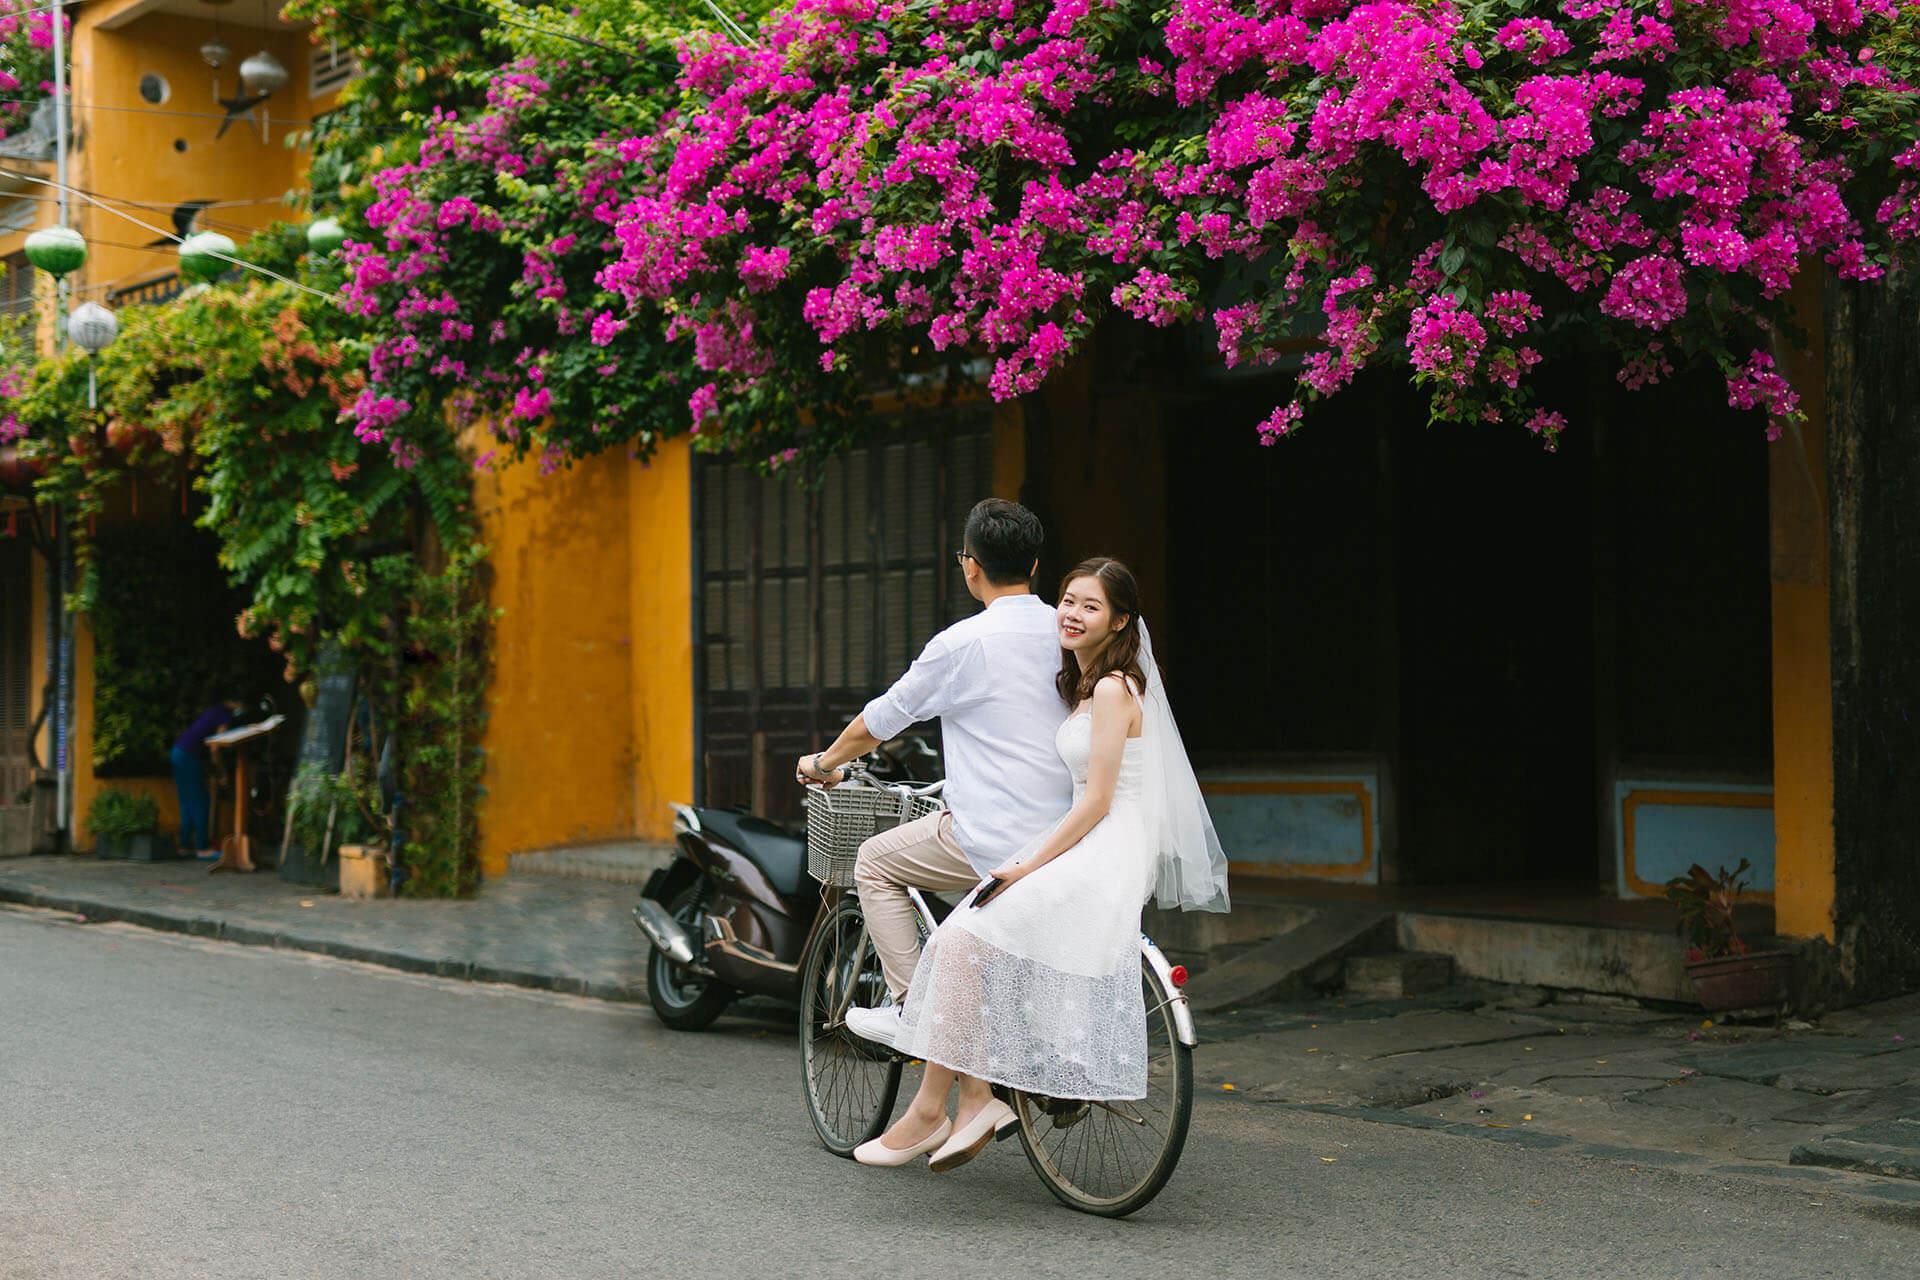 Xu Huongdu Lich Ket Hop Chup Album Anh Couple Tai Ba Na Va Hoi An Danangwego Com 03